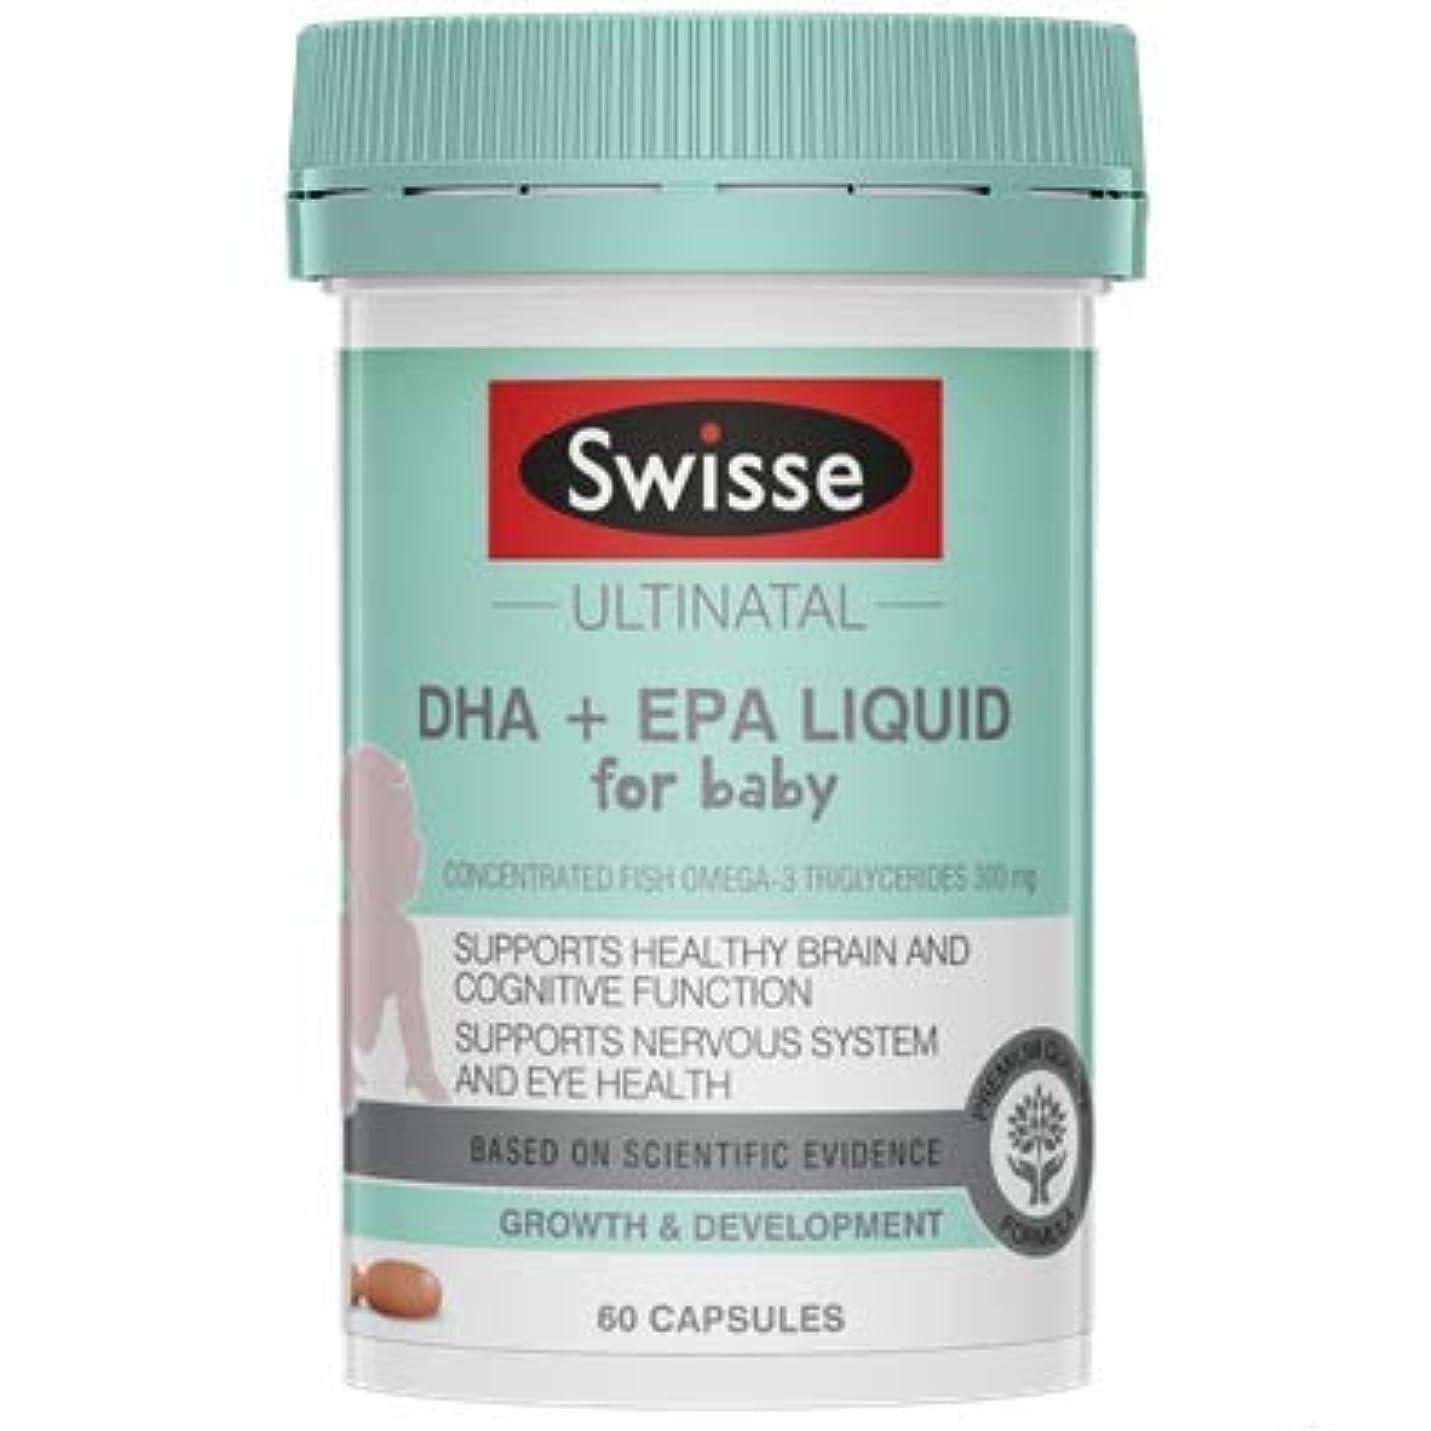 アンケート明らか年次Swisse Ultinatal DHA + EPA 液体 赤ちゃん用 60カプセル [豪州直送品] [並行輸入品]